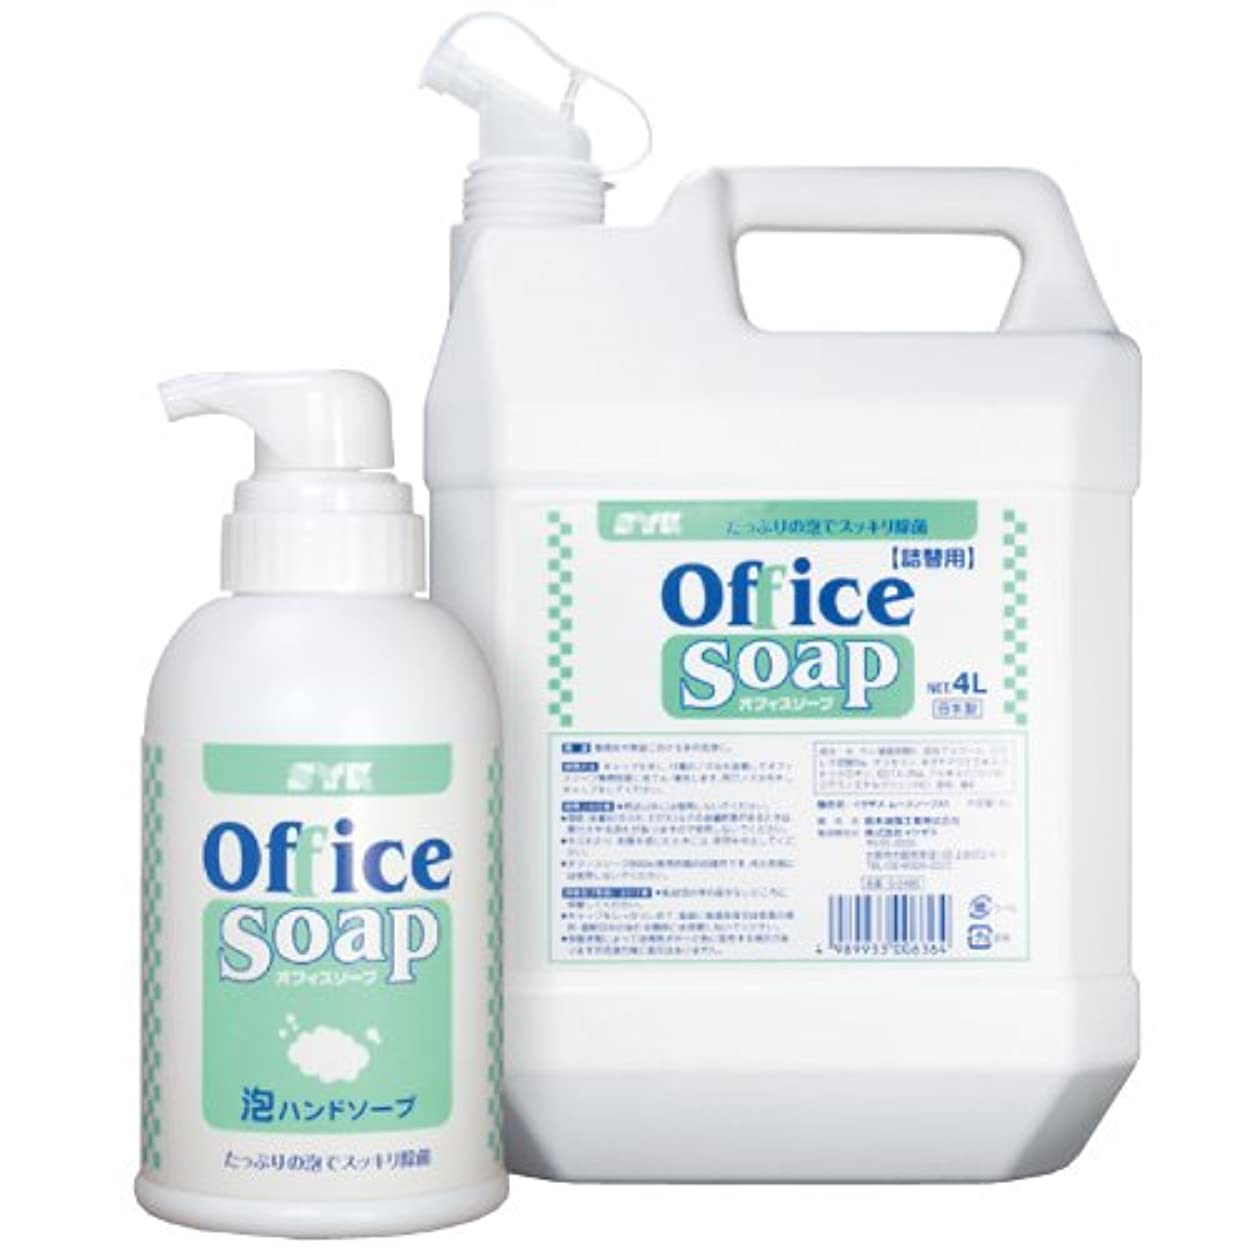 世界に死んだ豊かな建てる鈴木油脂 事務所用手洗い洗剤 業務用 オフィスソープ ポンプ入 780ml×3本